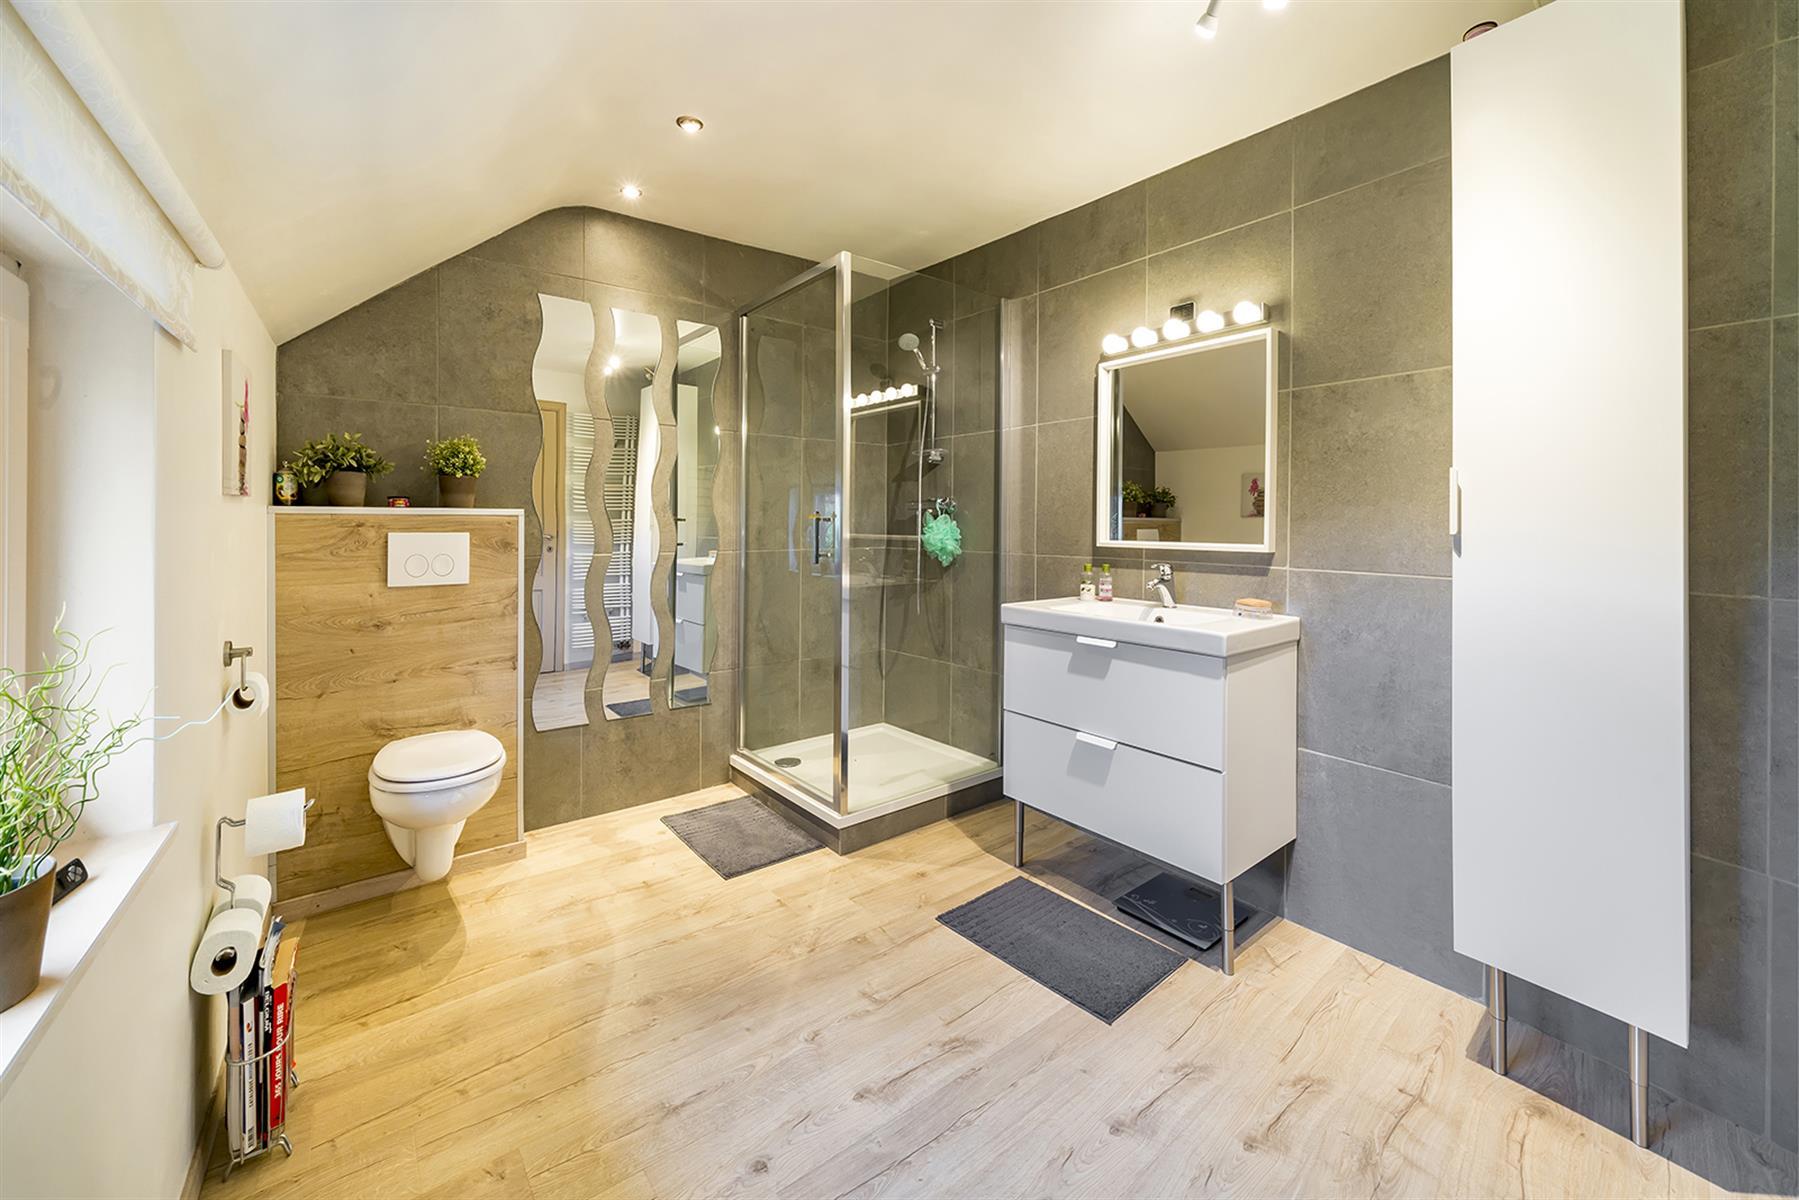 Maison - Saint-Georgessur-Meuse - #3638461-14